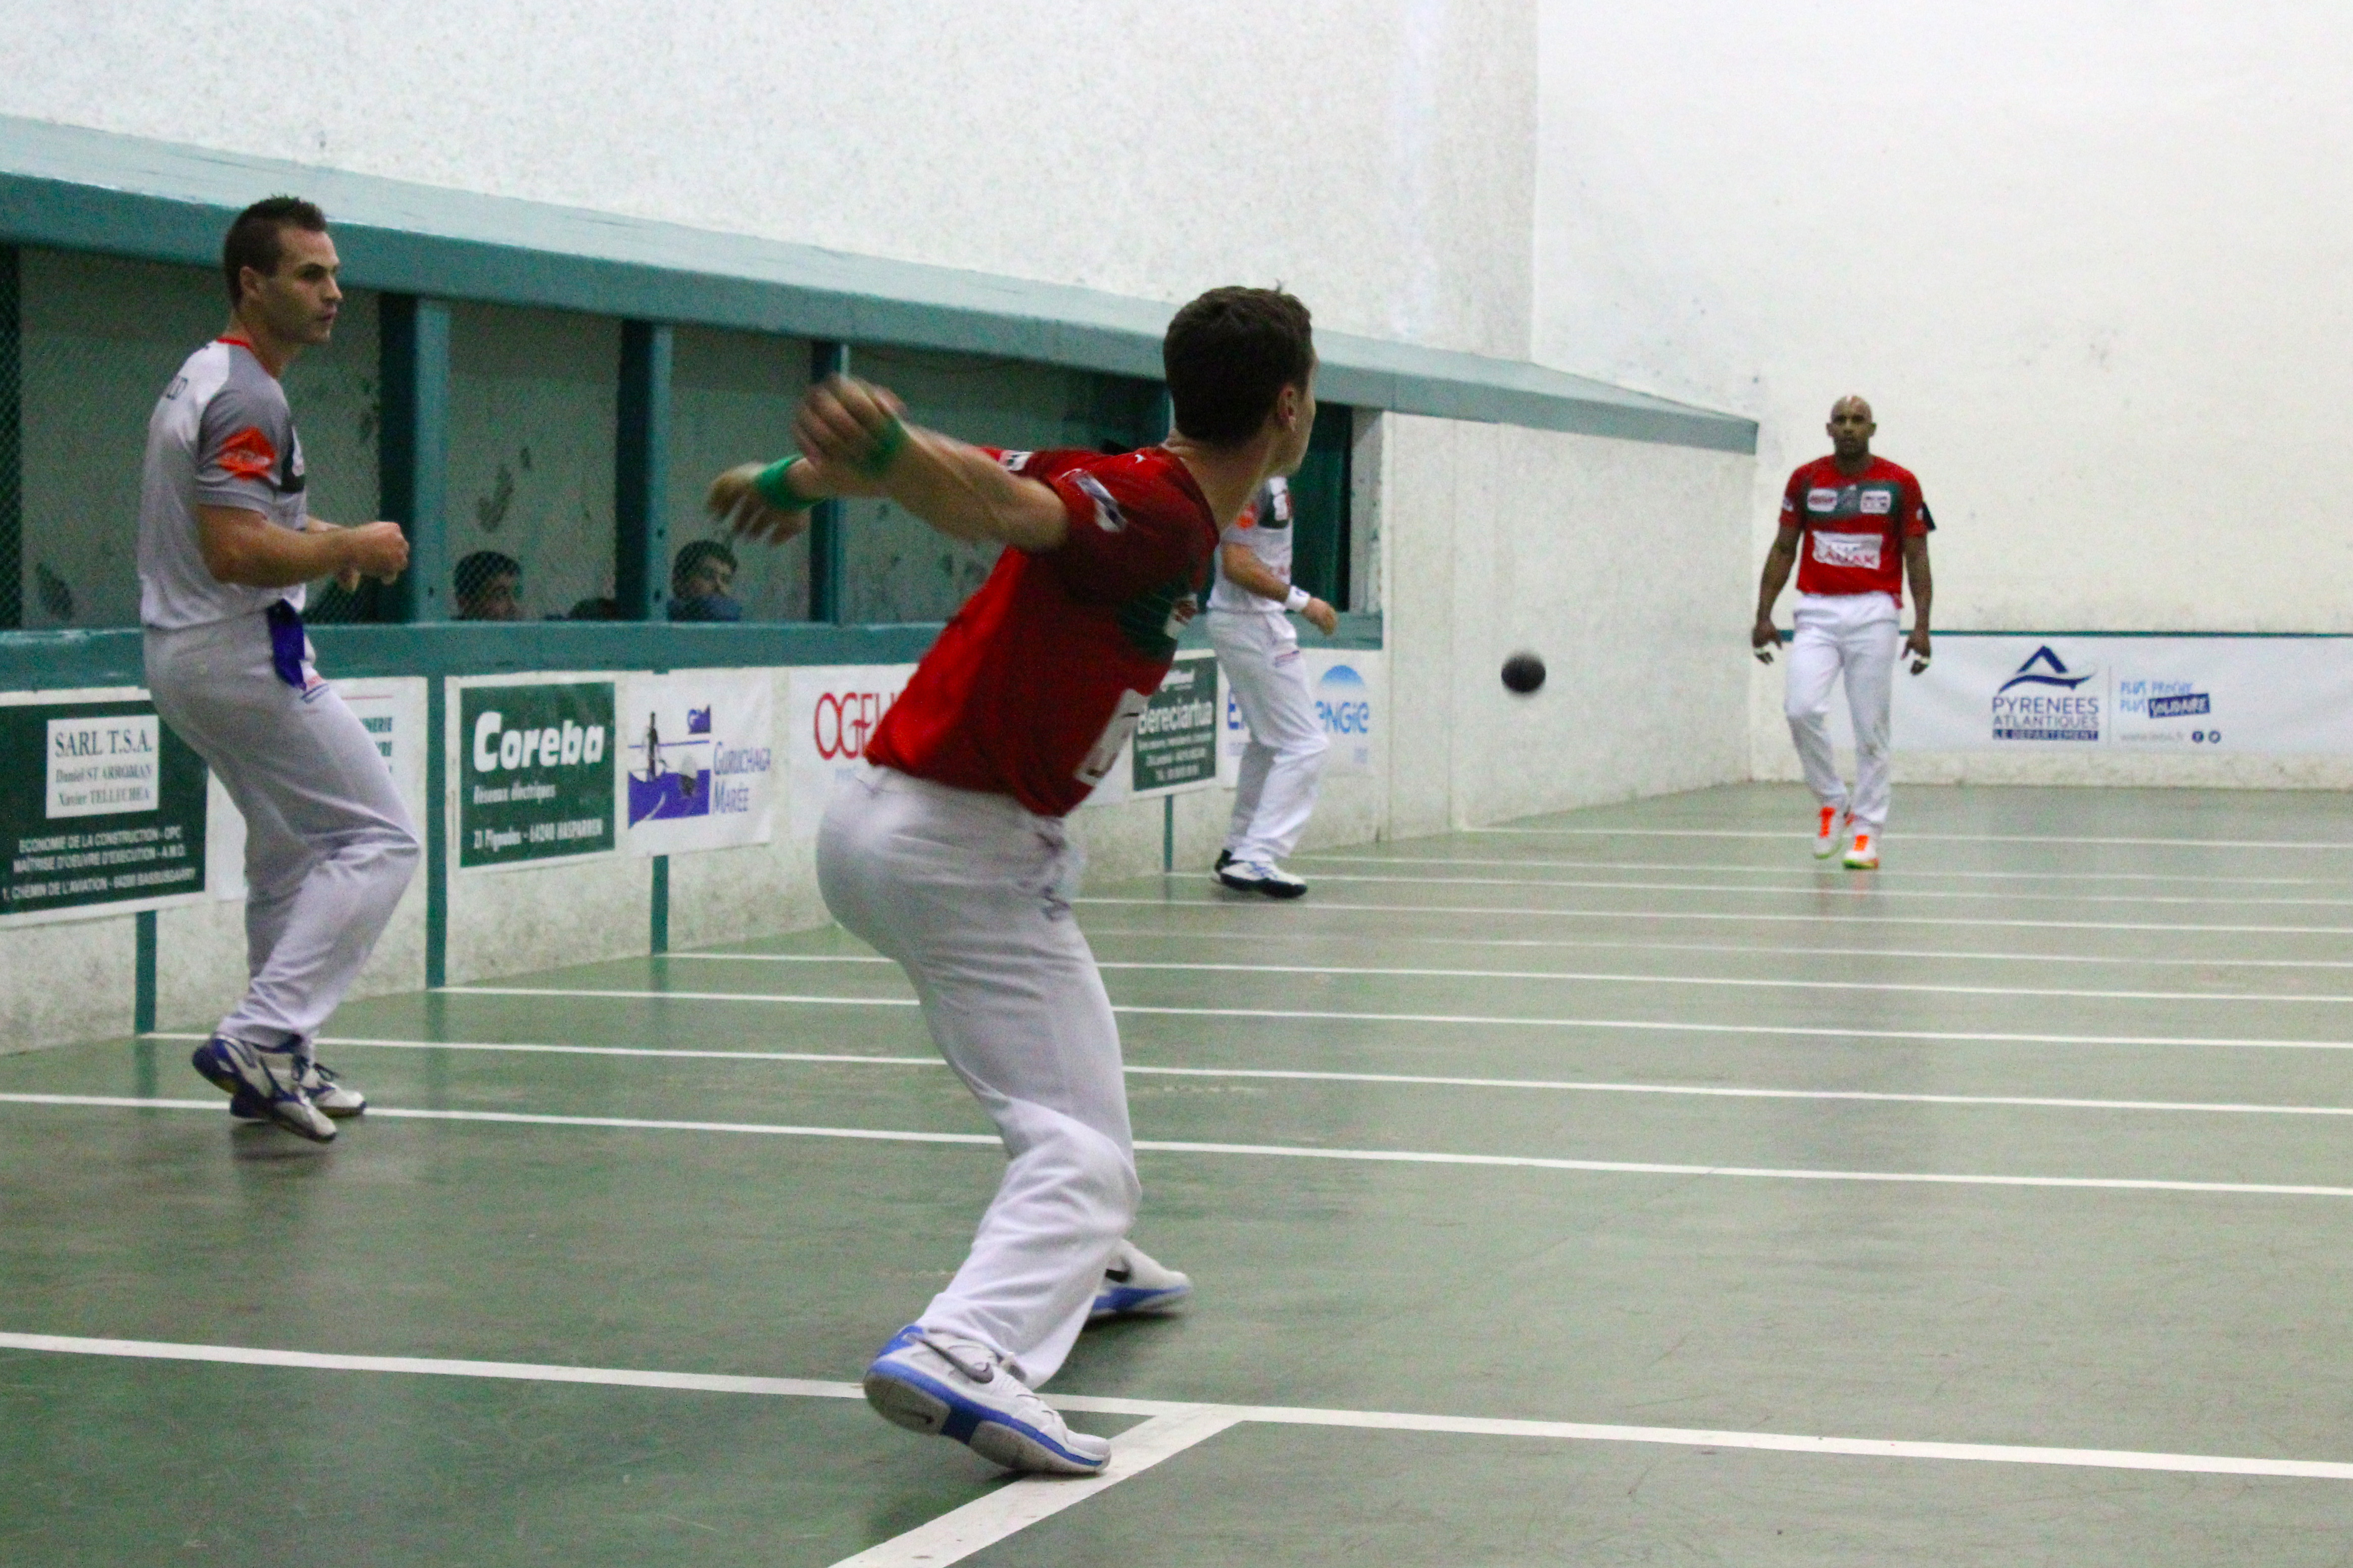 Monce, Ducassou, Waltary et Guichandut sont qualifiés pour la finale